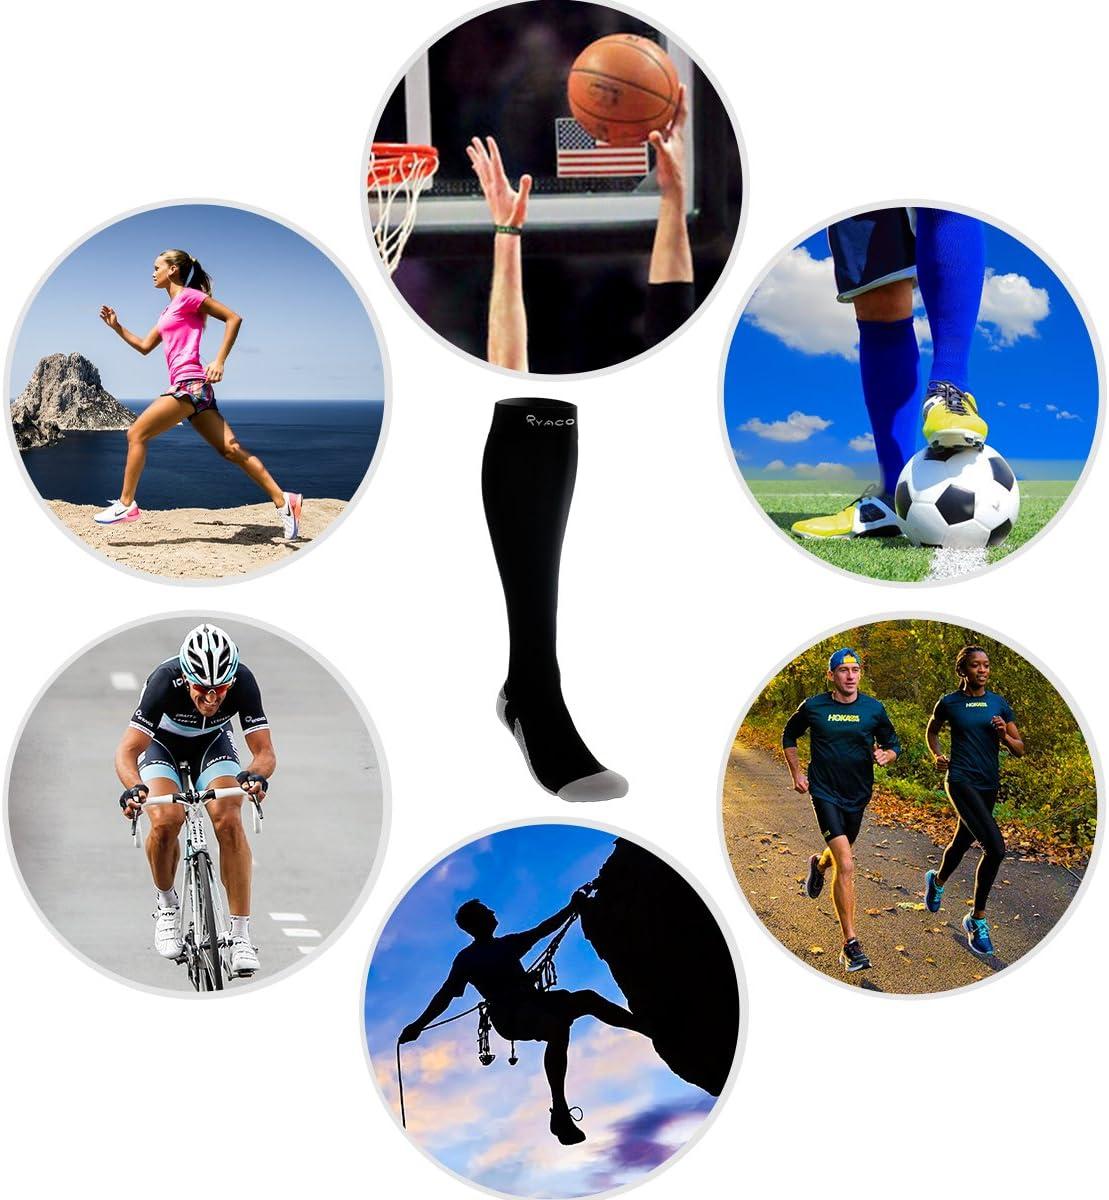 Ideali per Ciclismo Potenziano Circolazione Recupero e Sport Running e in Gravidanza 20-30 mmHg Gambaletti Contenitivi Uomo Donna Viaggi in Aereo RYACO Calze a Compressione Graduata